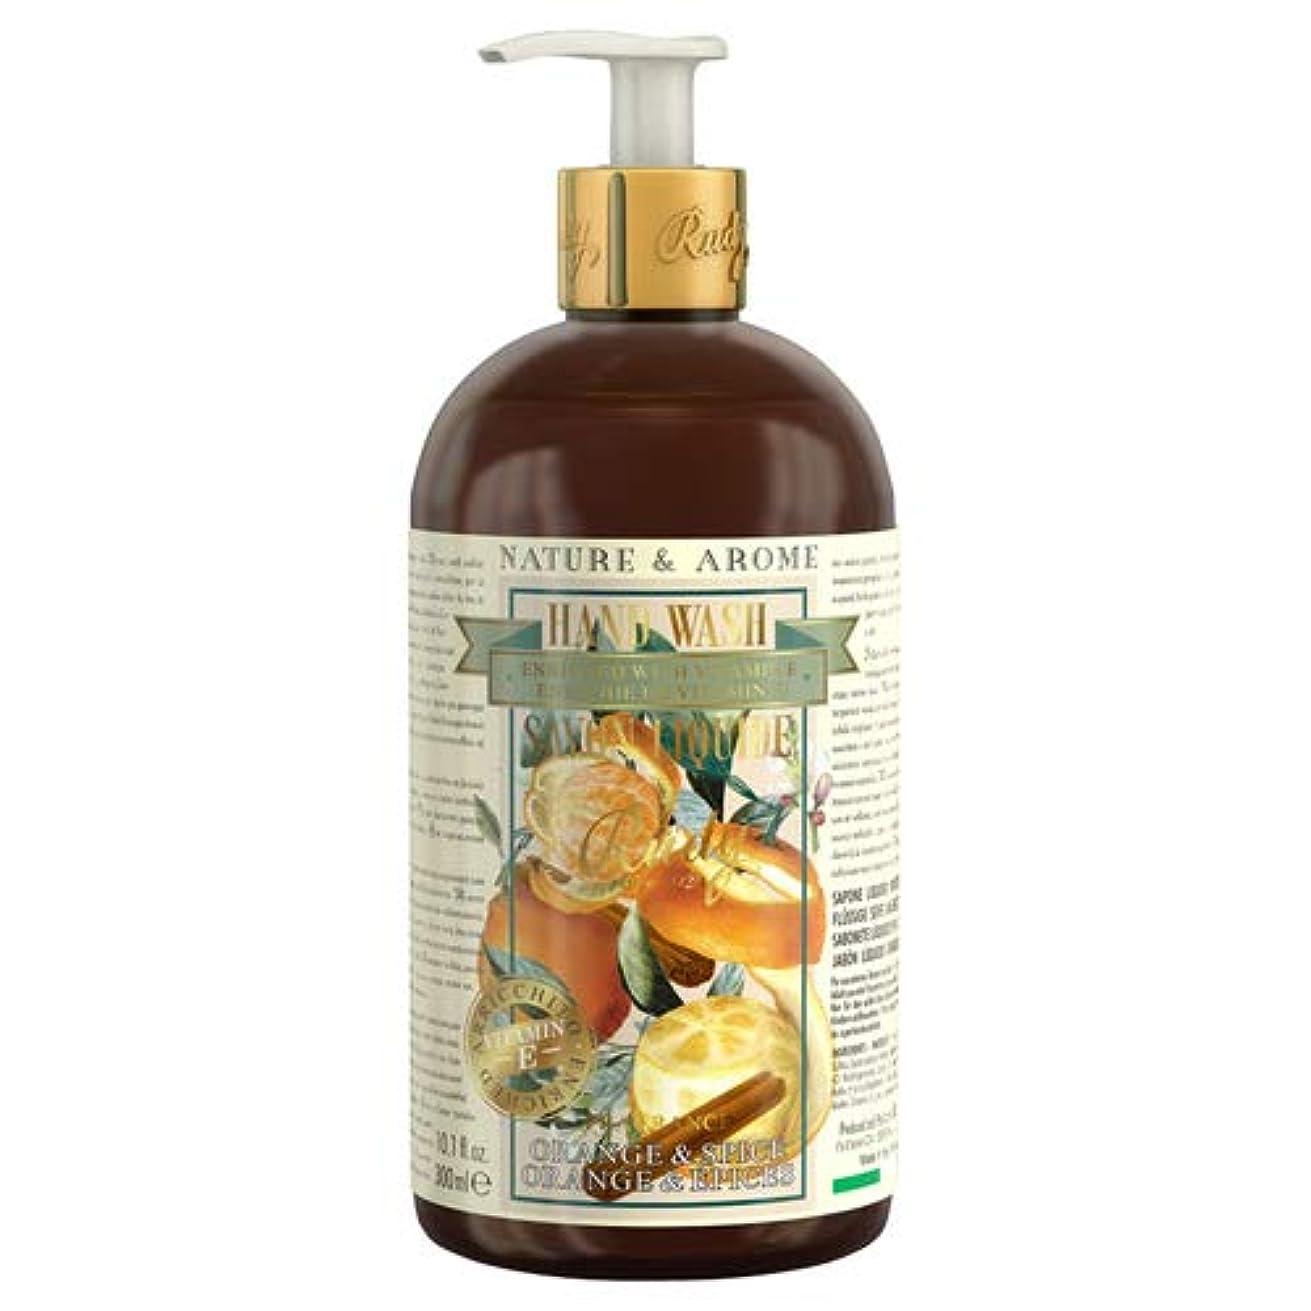 等しいペグ司法ルディ(Rudy) RUDY Nature&Arome Apothecary ネイチャーアロマ アポセカリー Hand Wash ハンドウォッシュ(ボディソープ) Orange & Spice オレンジ&スパイス